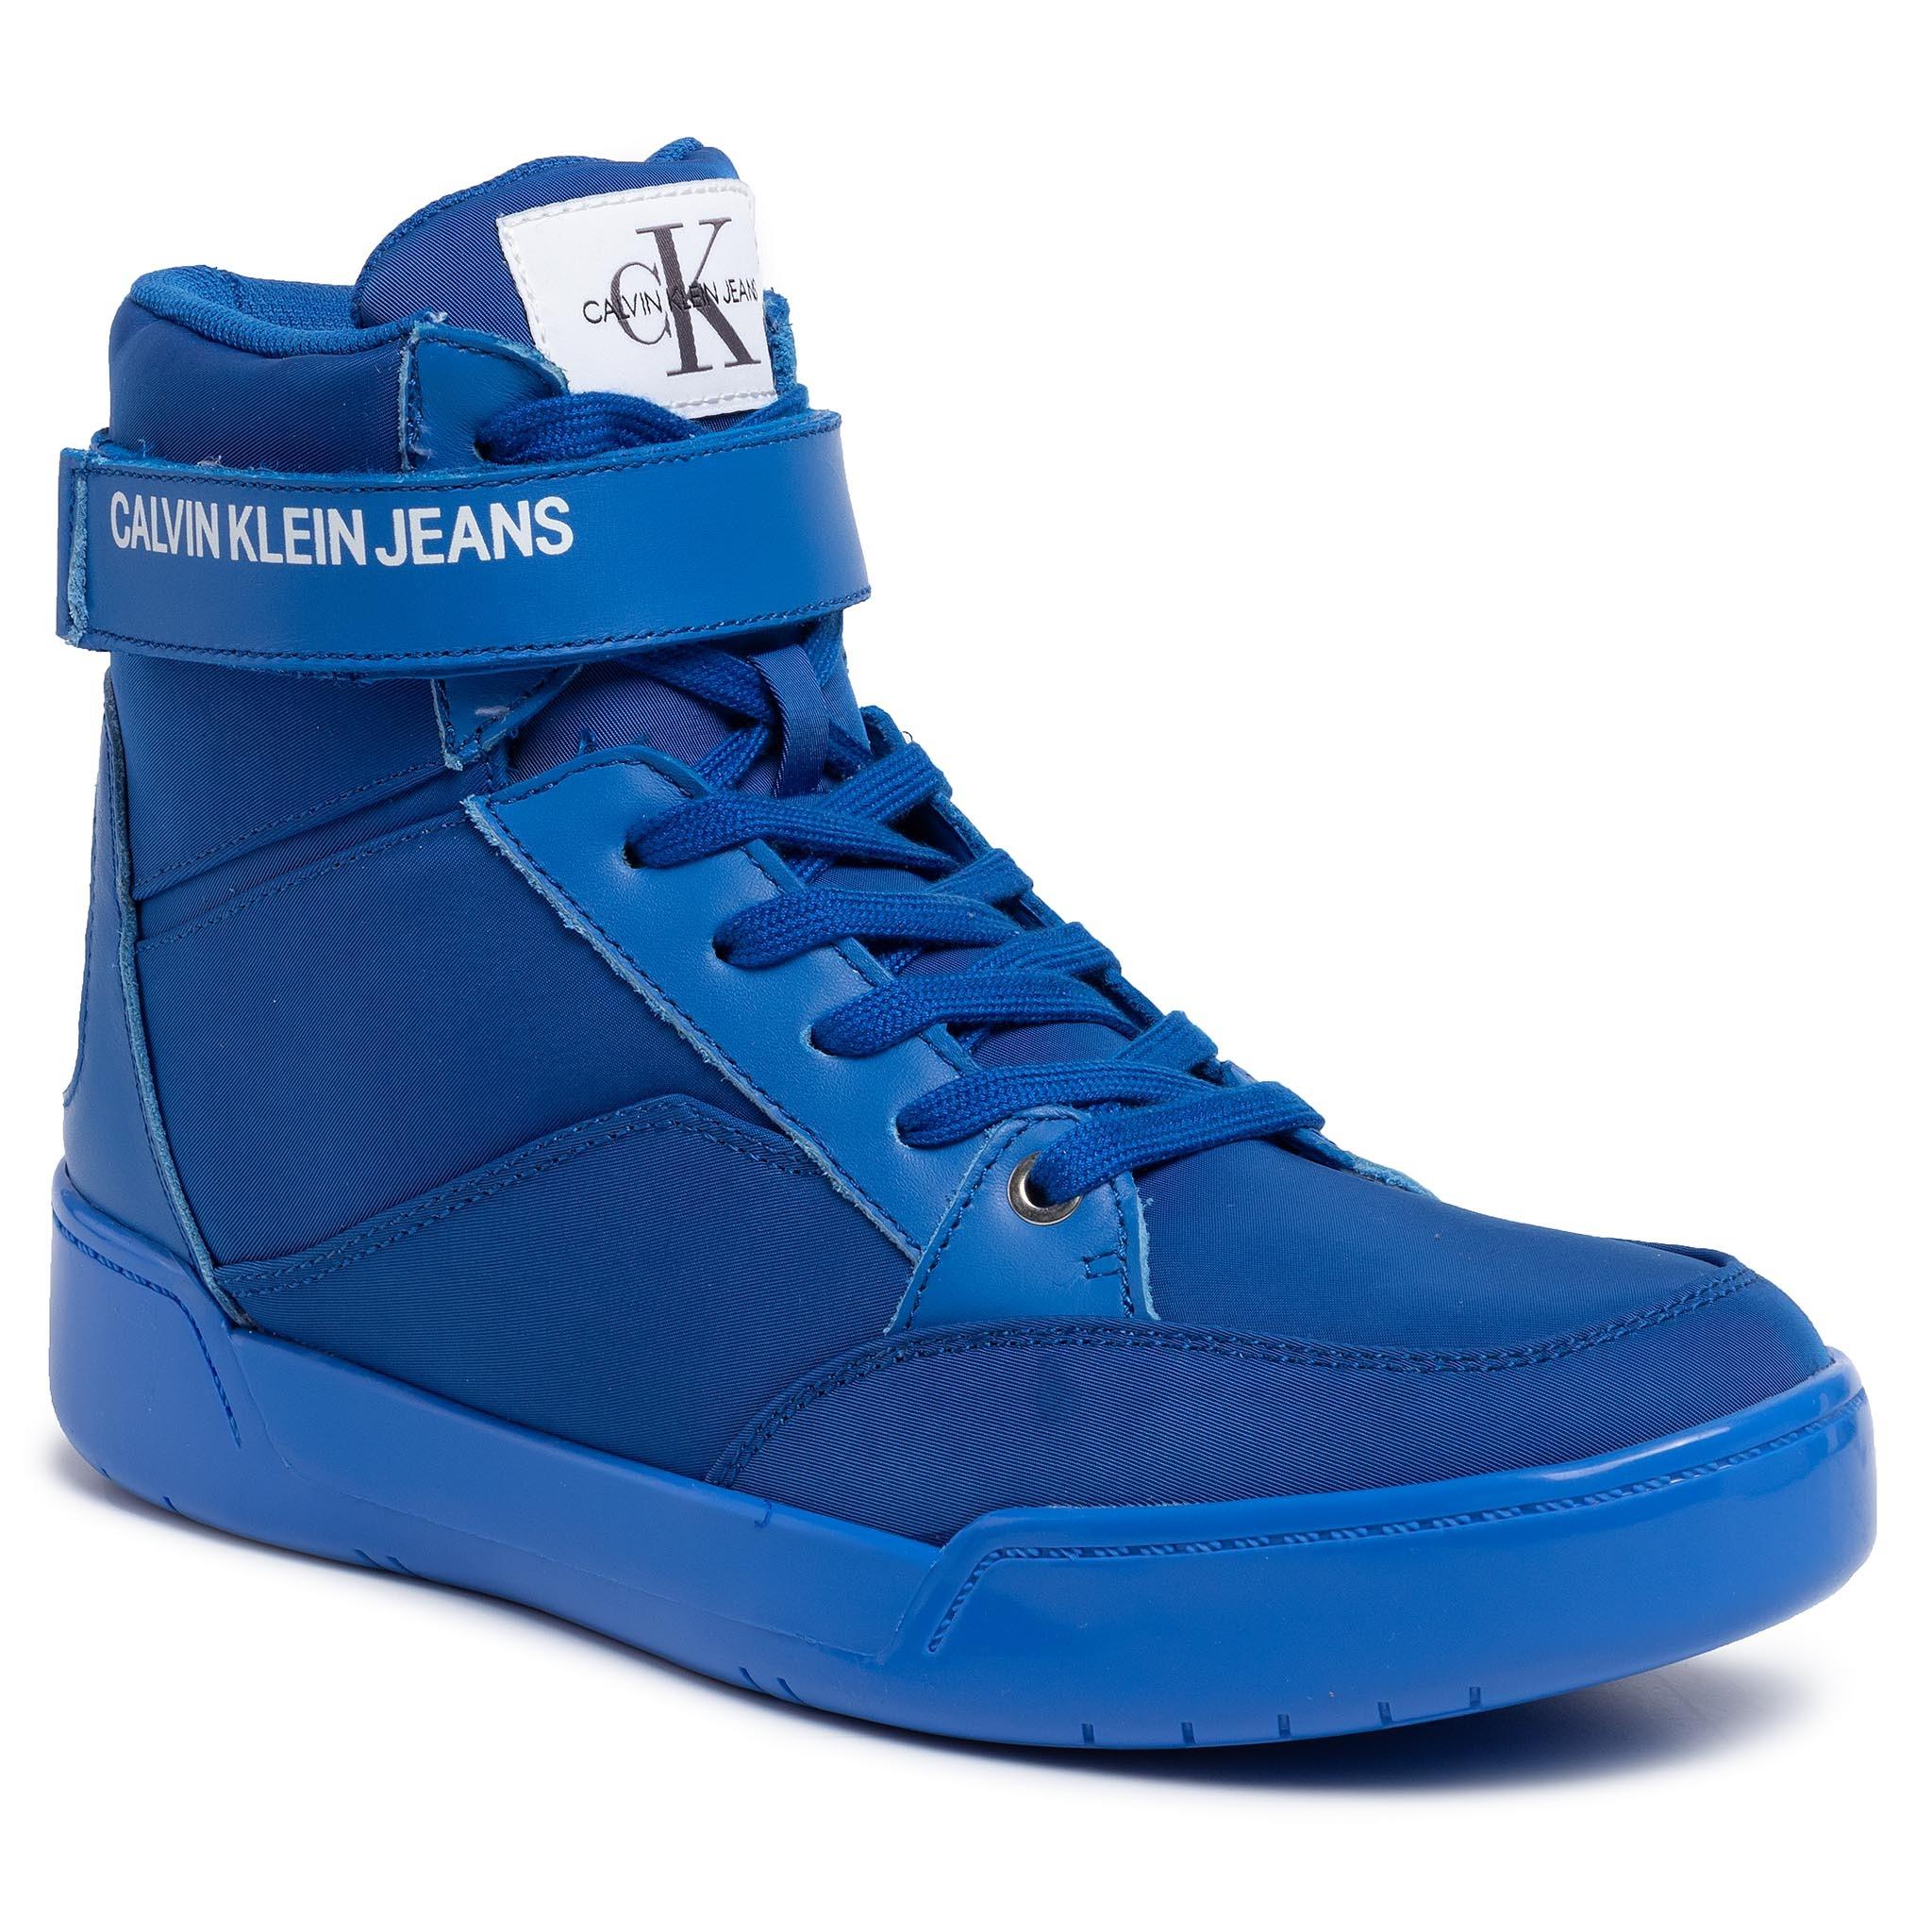 Sneakers CALVIN KLEIN JEANS - Nigel S1772 American Blue